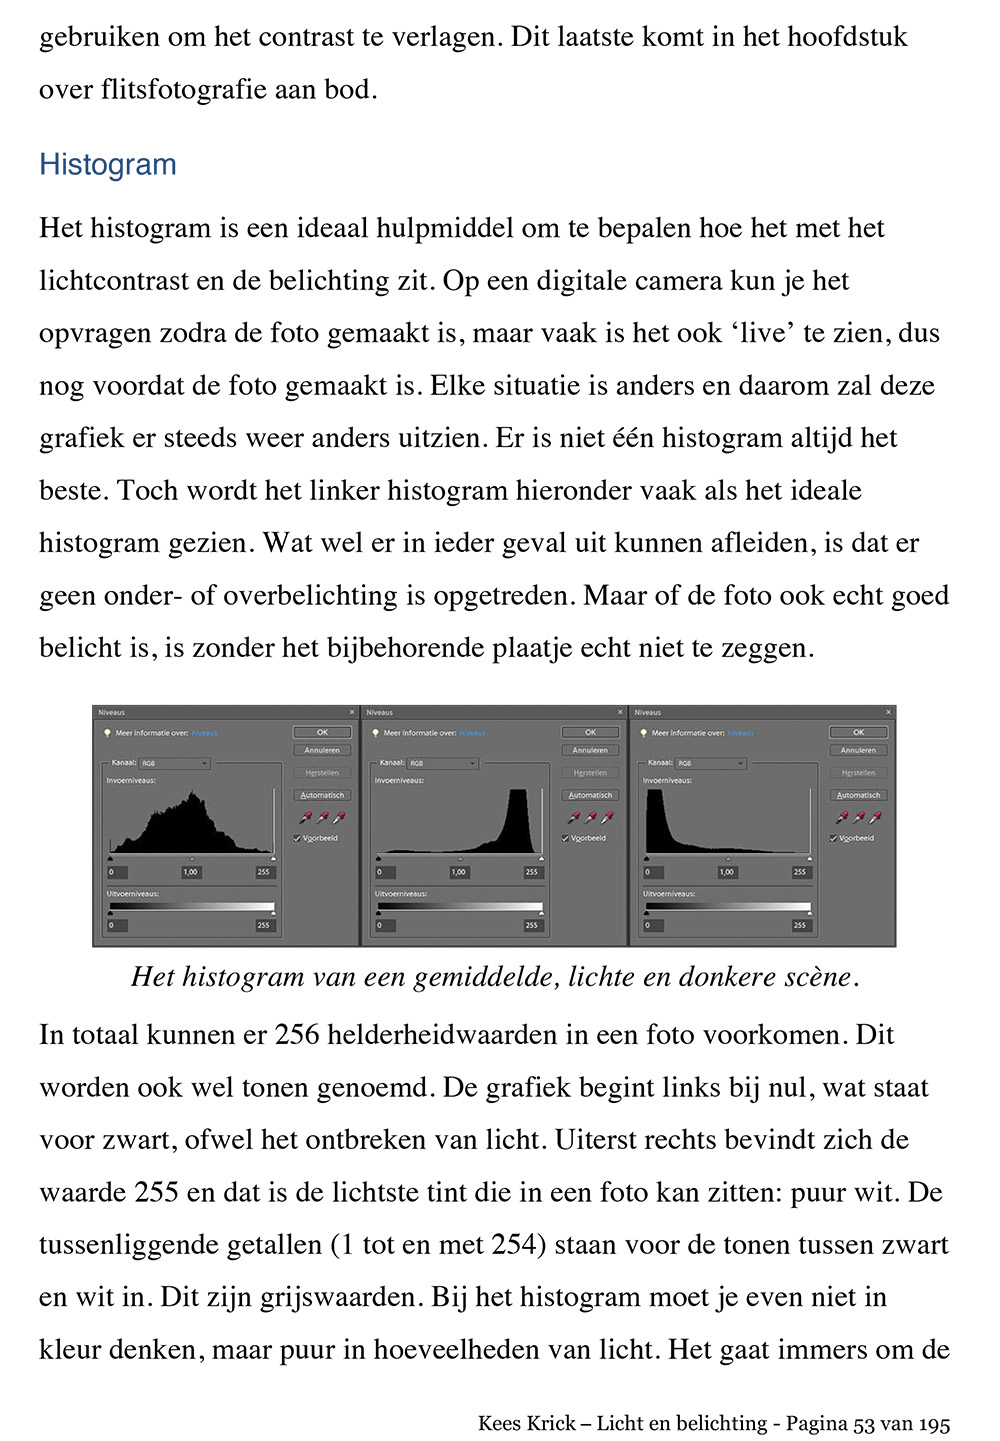 licht en belichting histogram pagina53